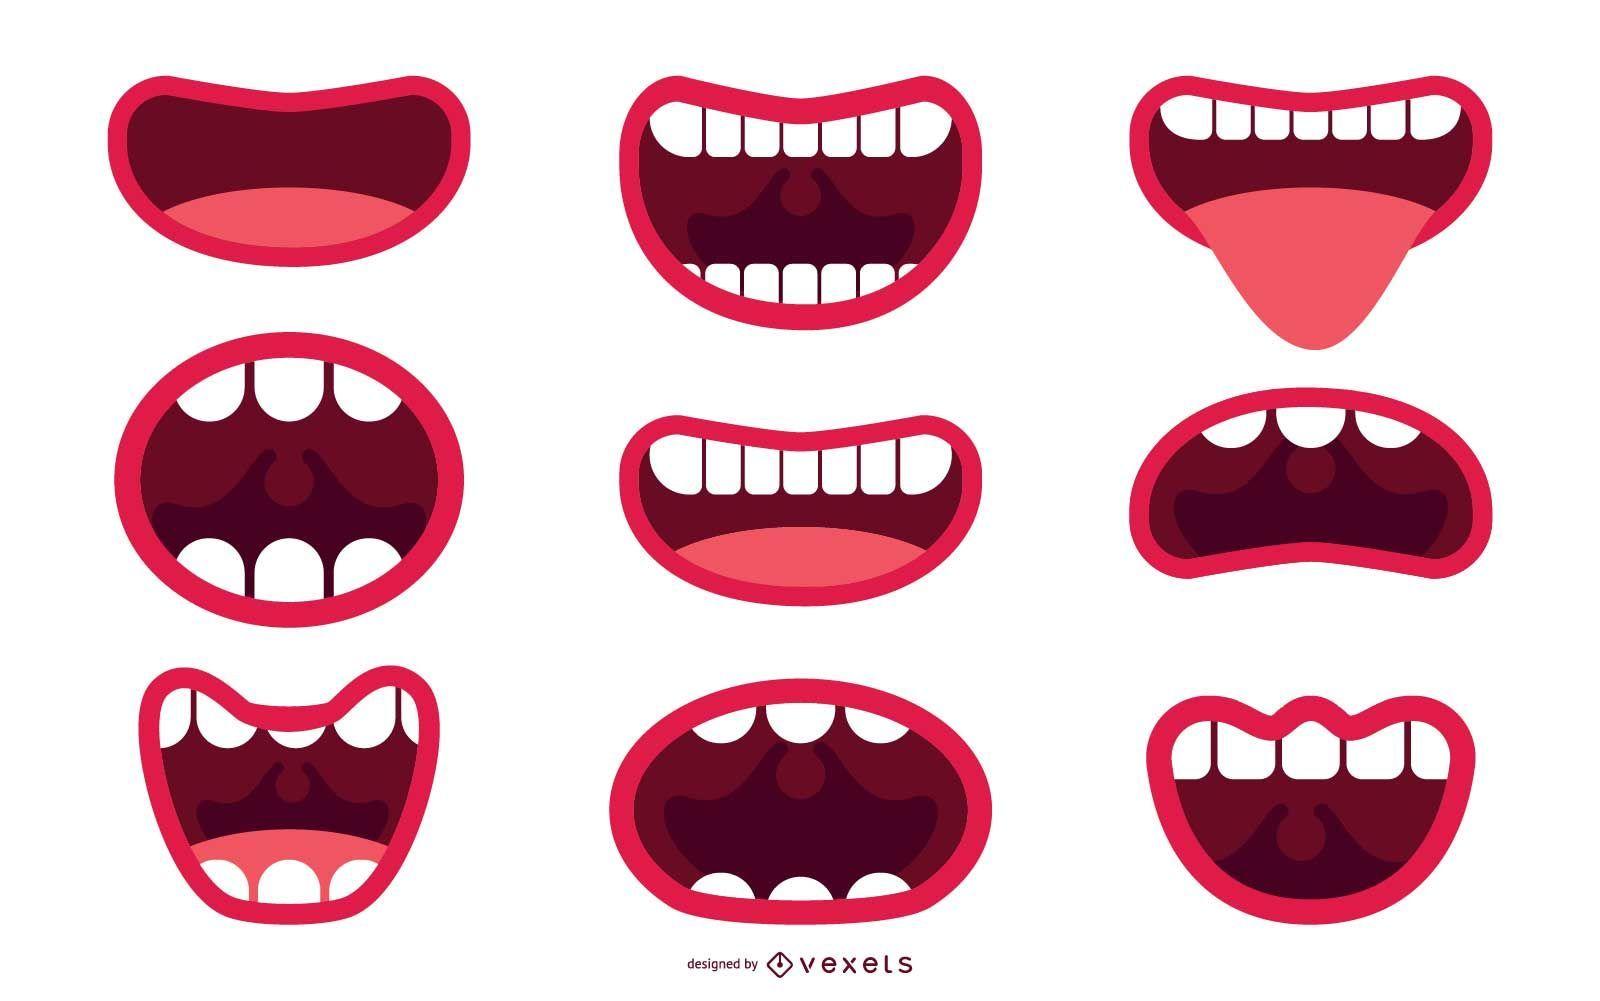 Mouth Illustration Set